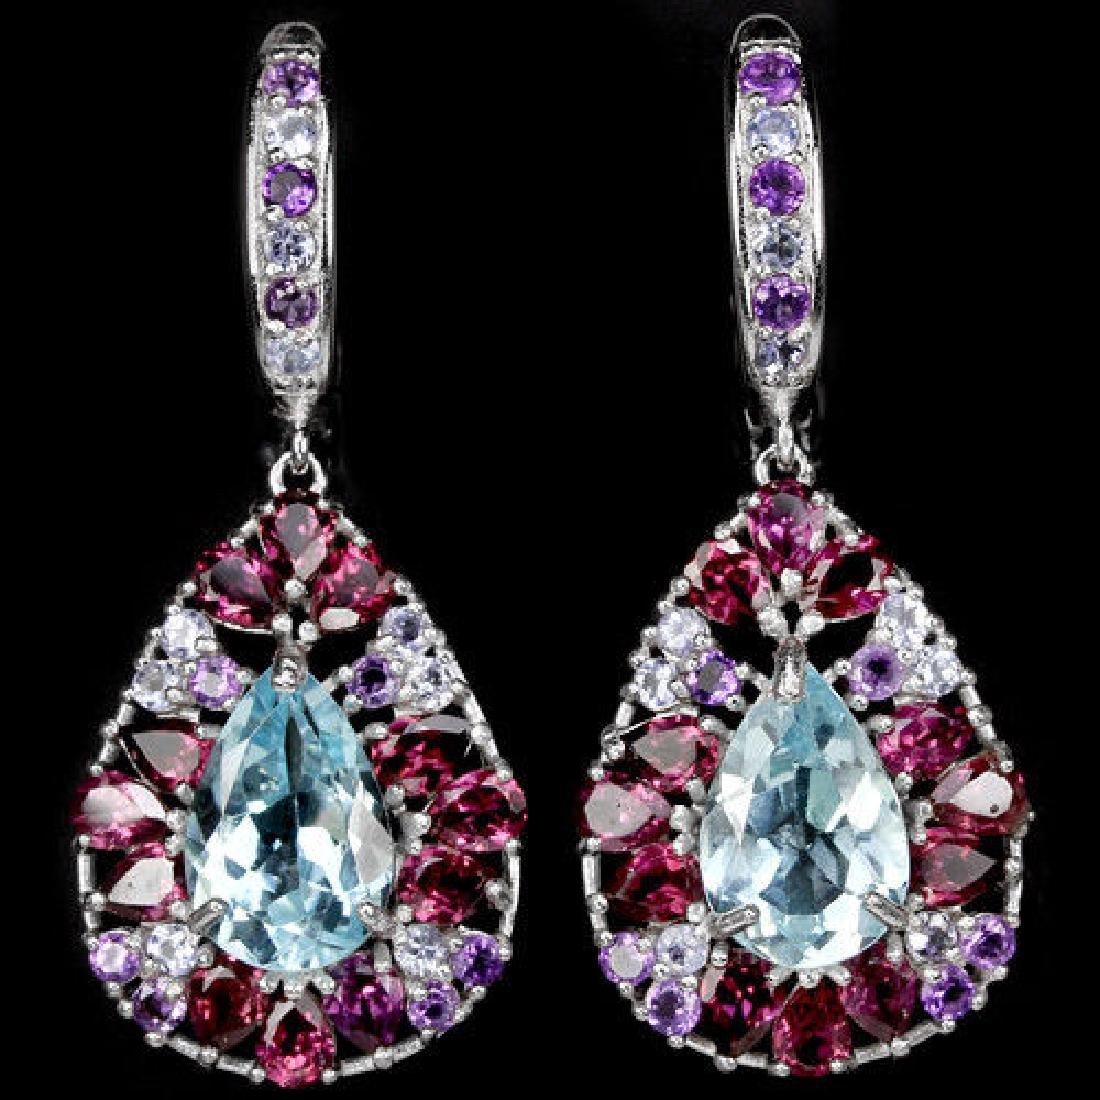 Natural TOPAZ AMETHYST RHODOLITE TANZANITE Earrings